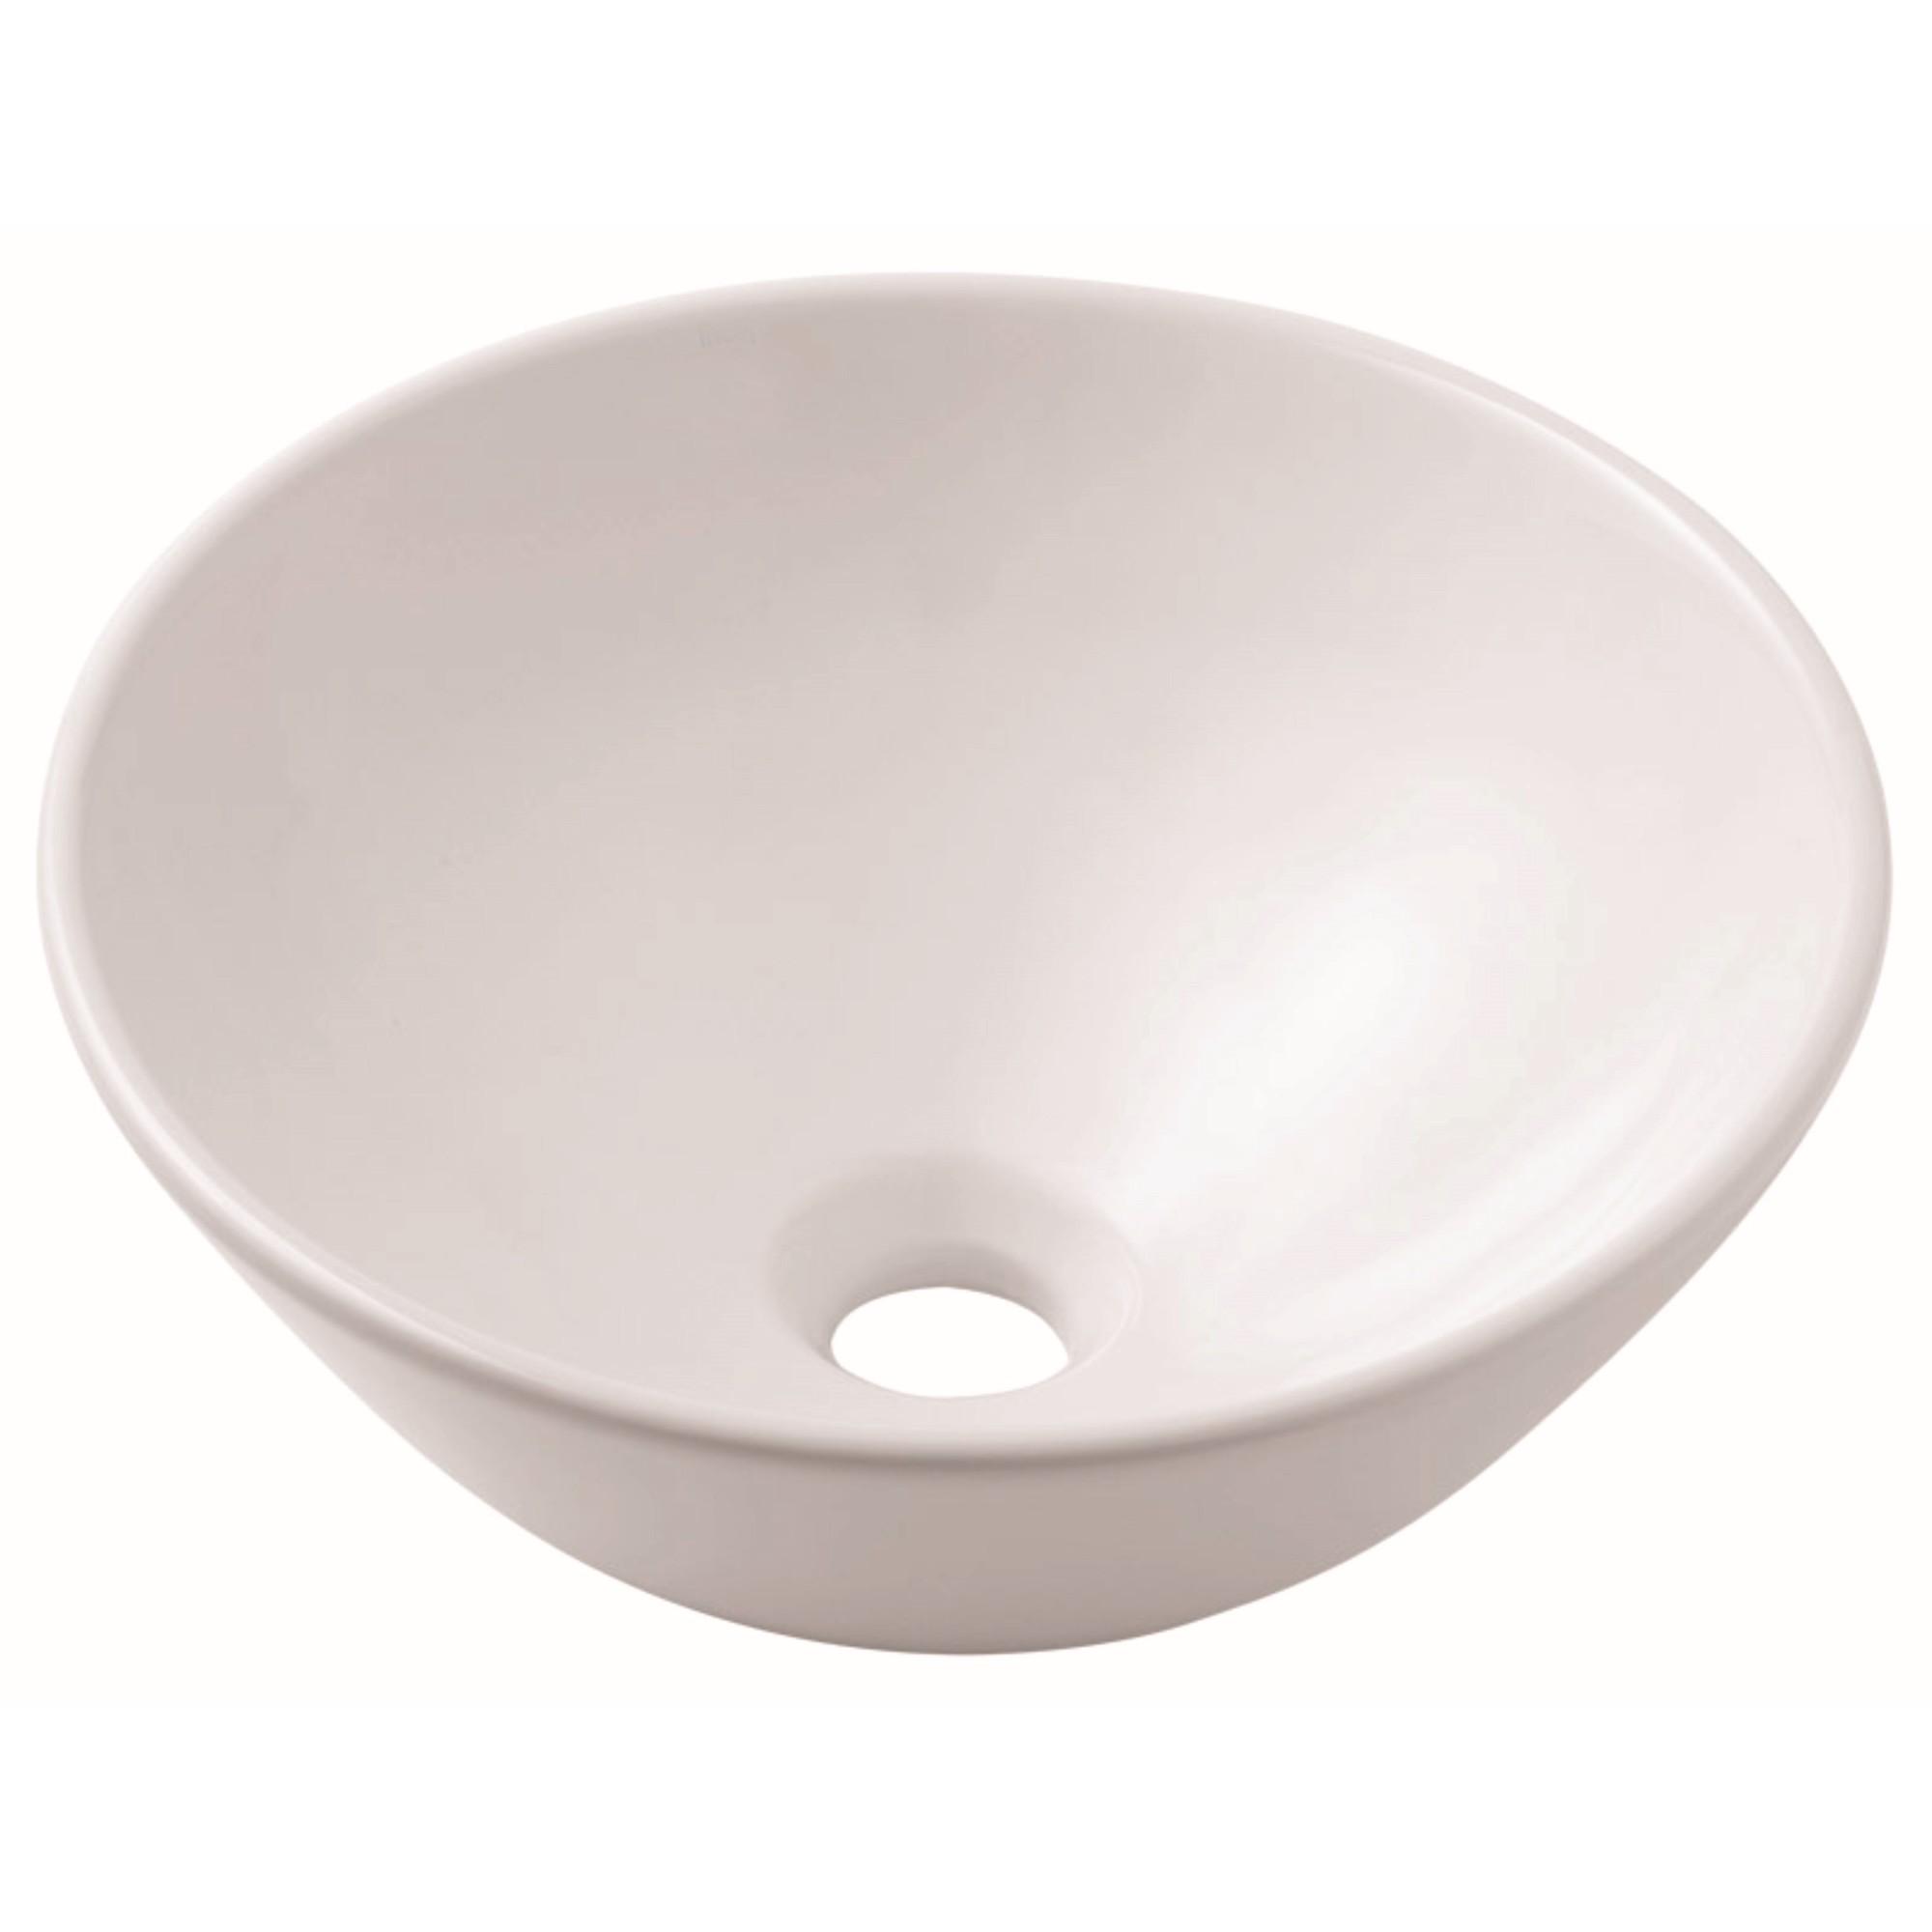 Cuba de Louca de Apoio Redondo 35x35 cm Basic Branco Matte - Celite